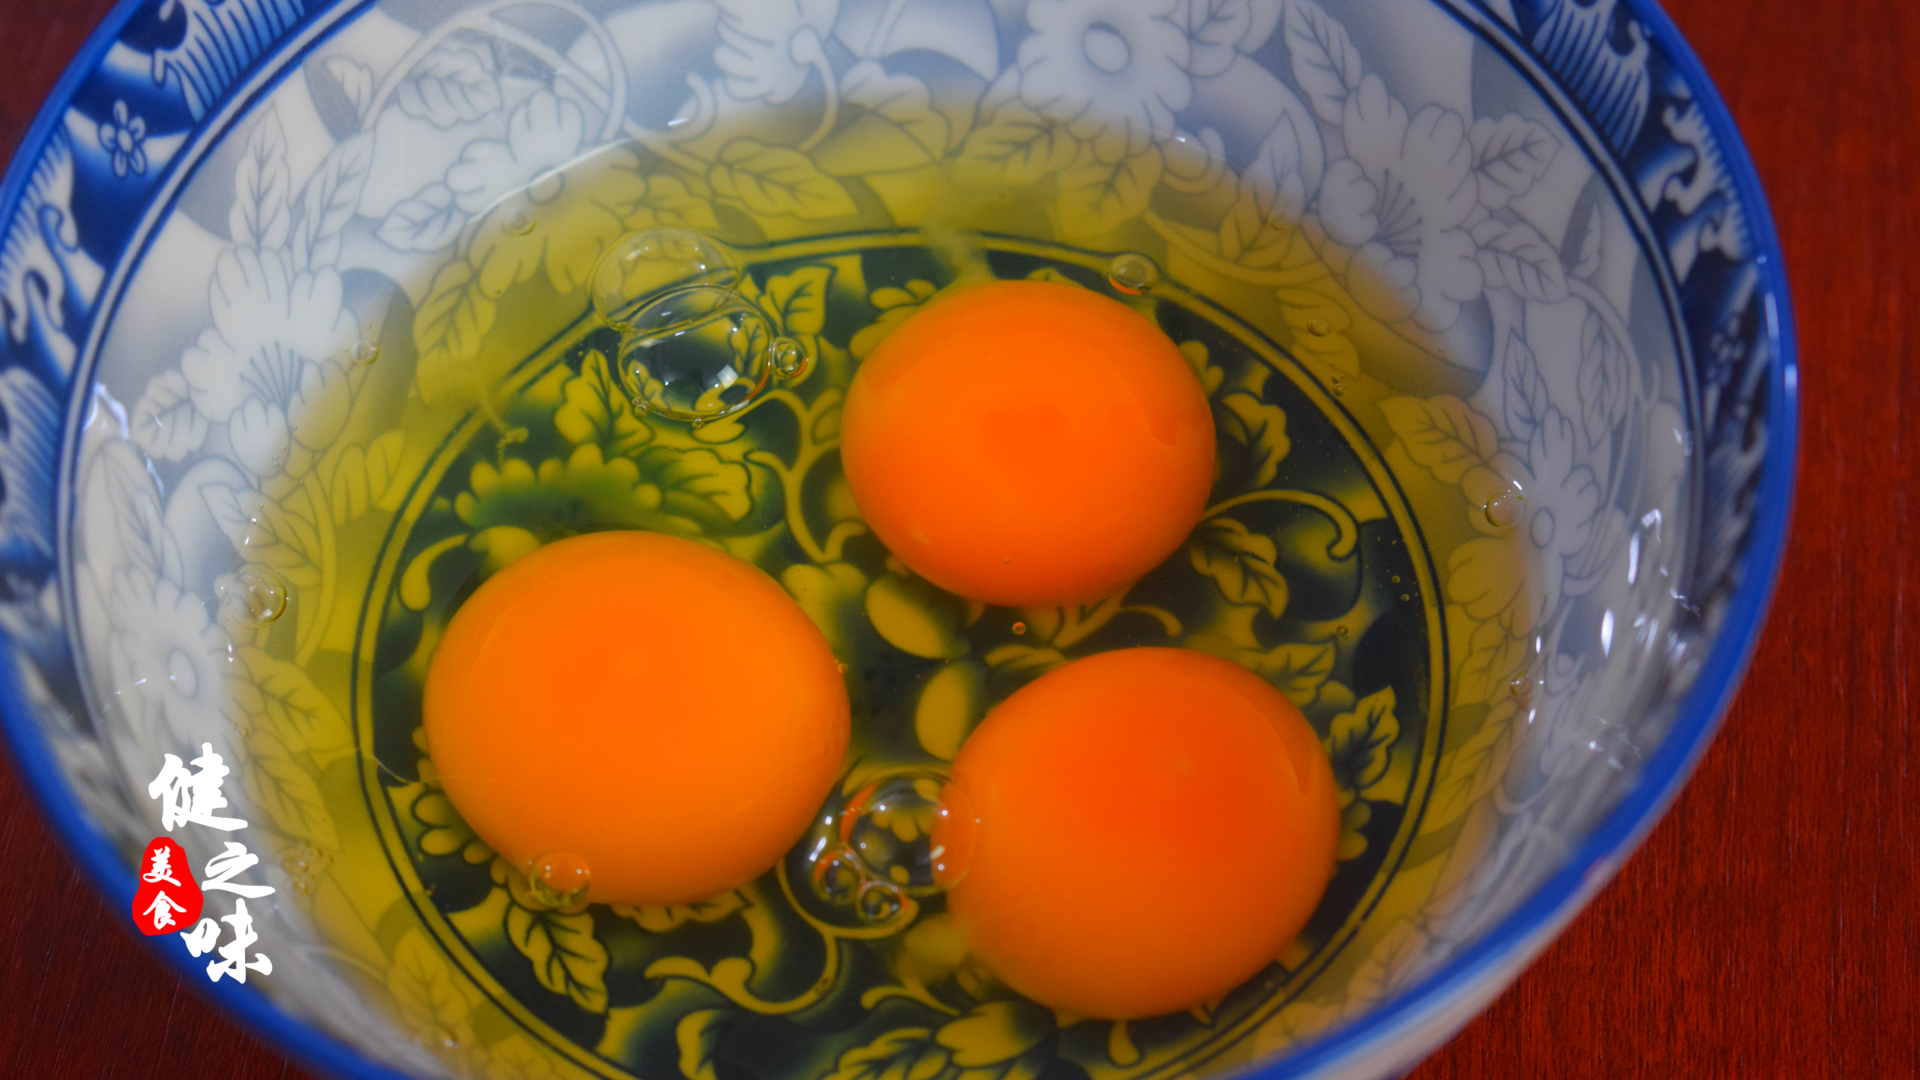 雞蛋羹怎麼做好吃?廣東阿姨教你小訣竅,做出來營養美味超好吃